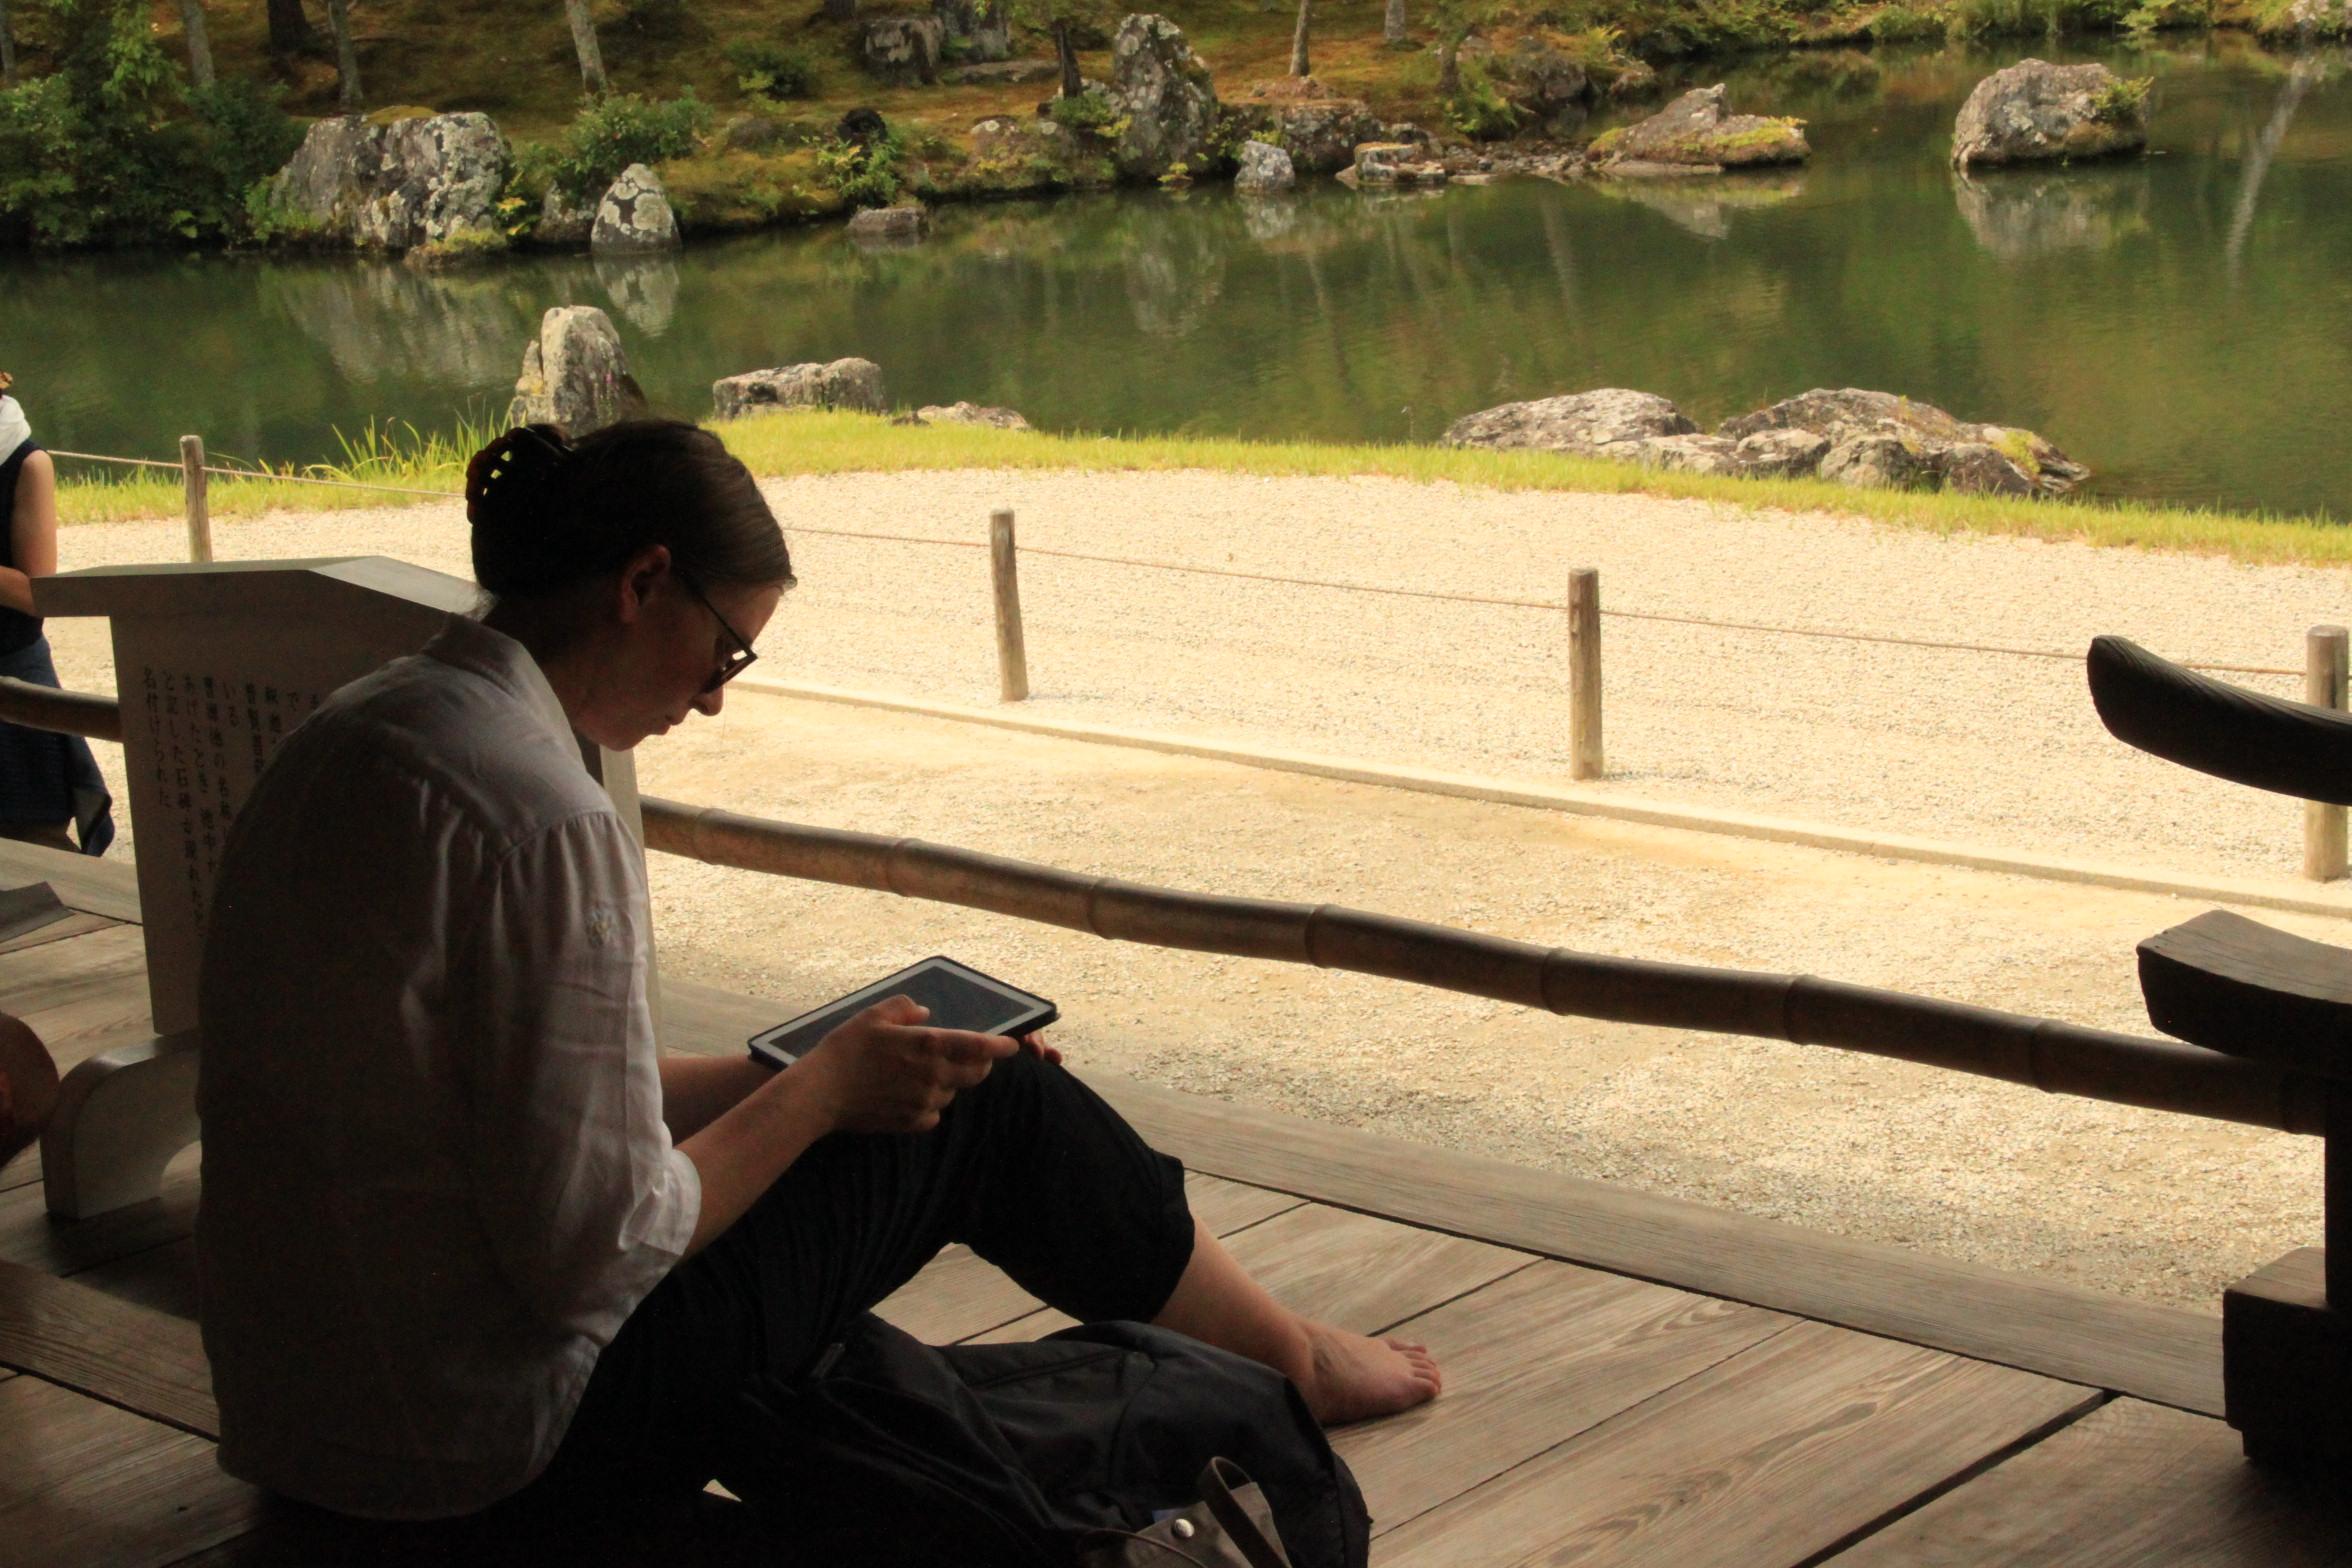 Japan Zen Reise, Tenryuji, japanischer Steingarten, Kyoto, Nicole Baden Roshi